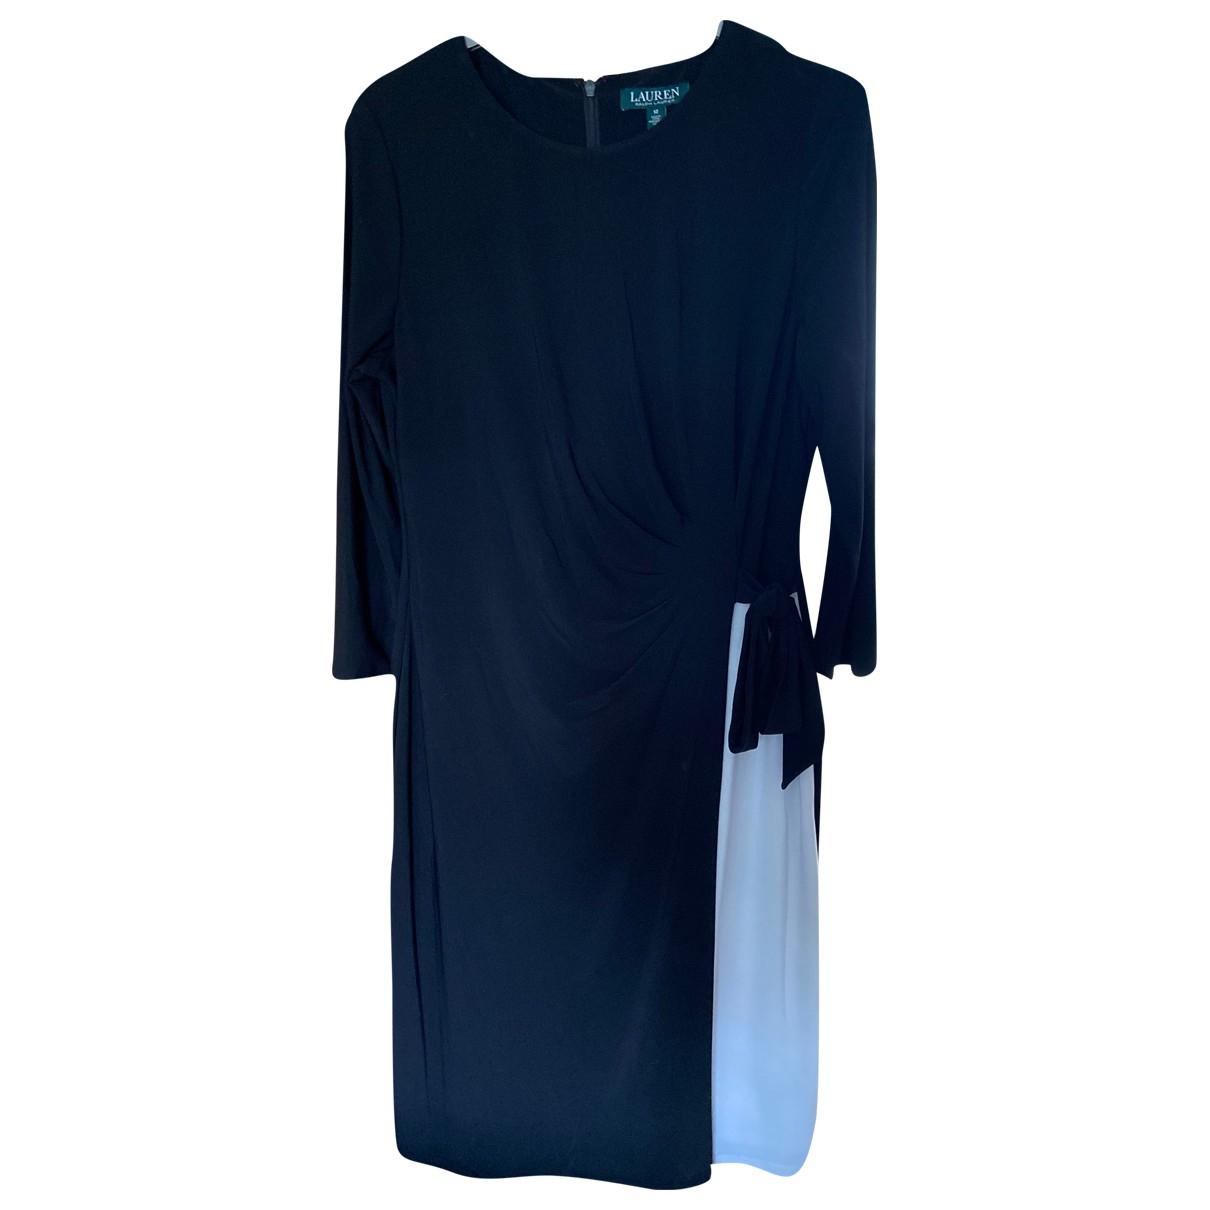 Lauren Ralph Lauren N Black dress for Women 12 US